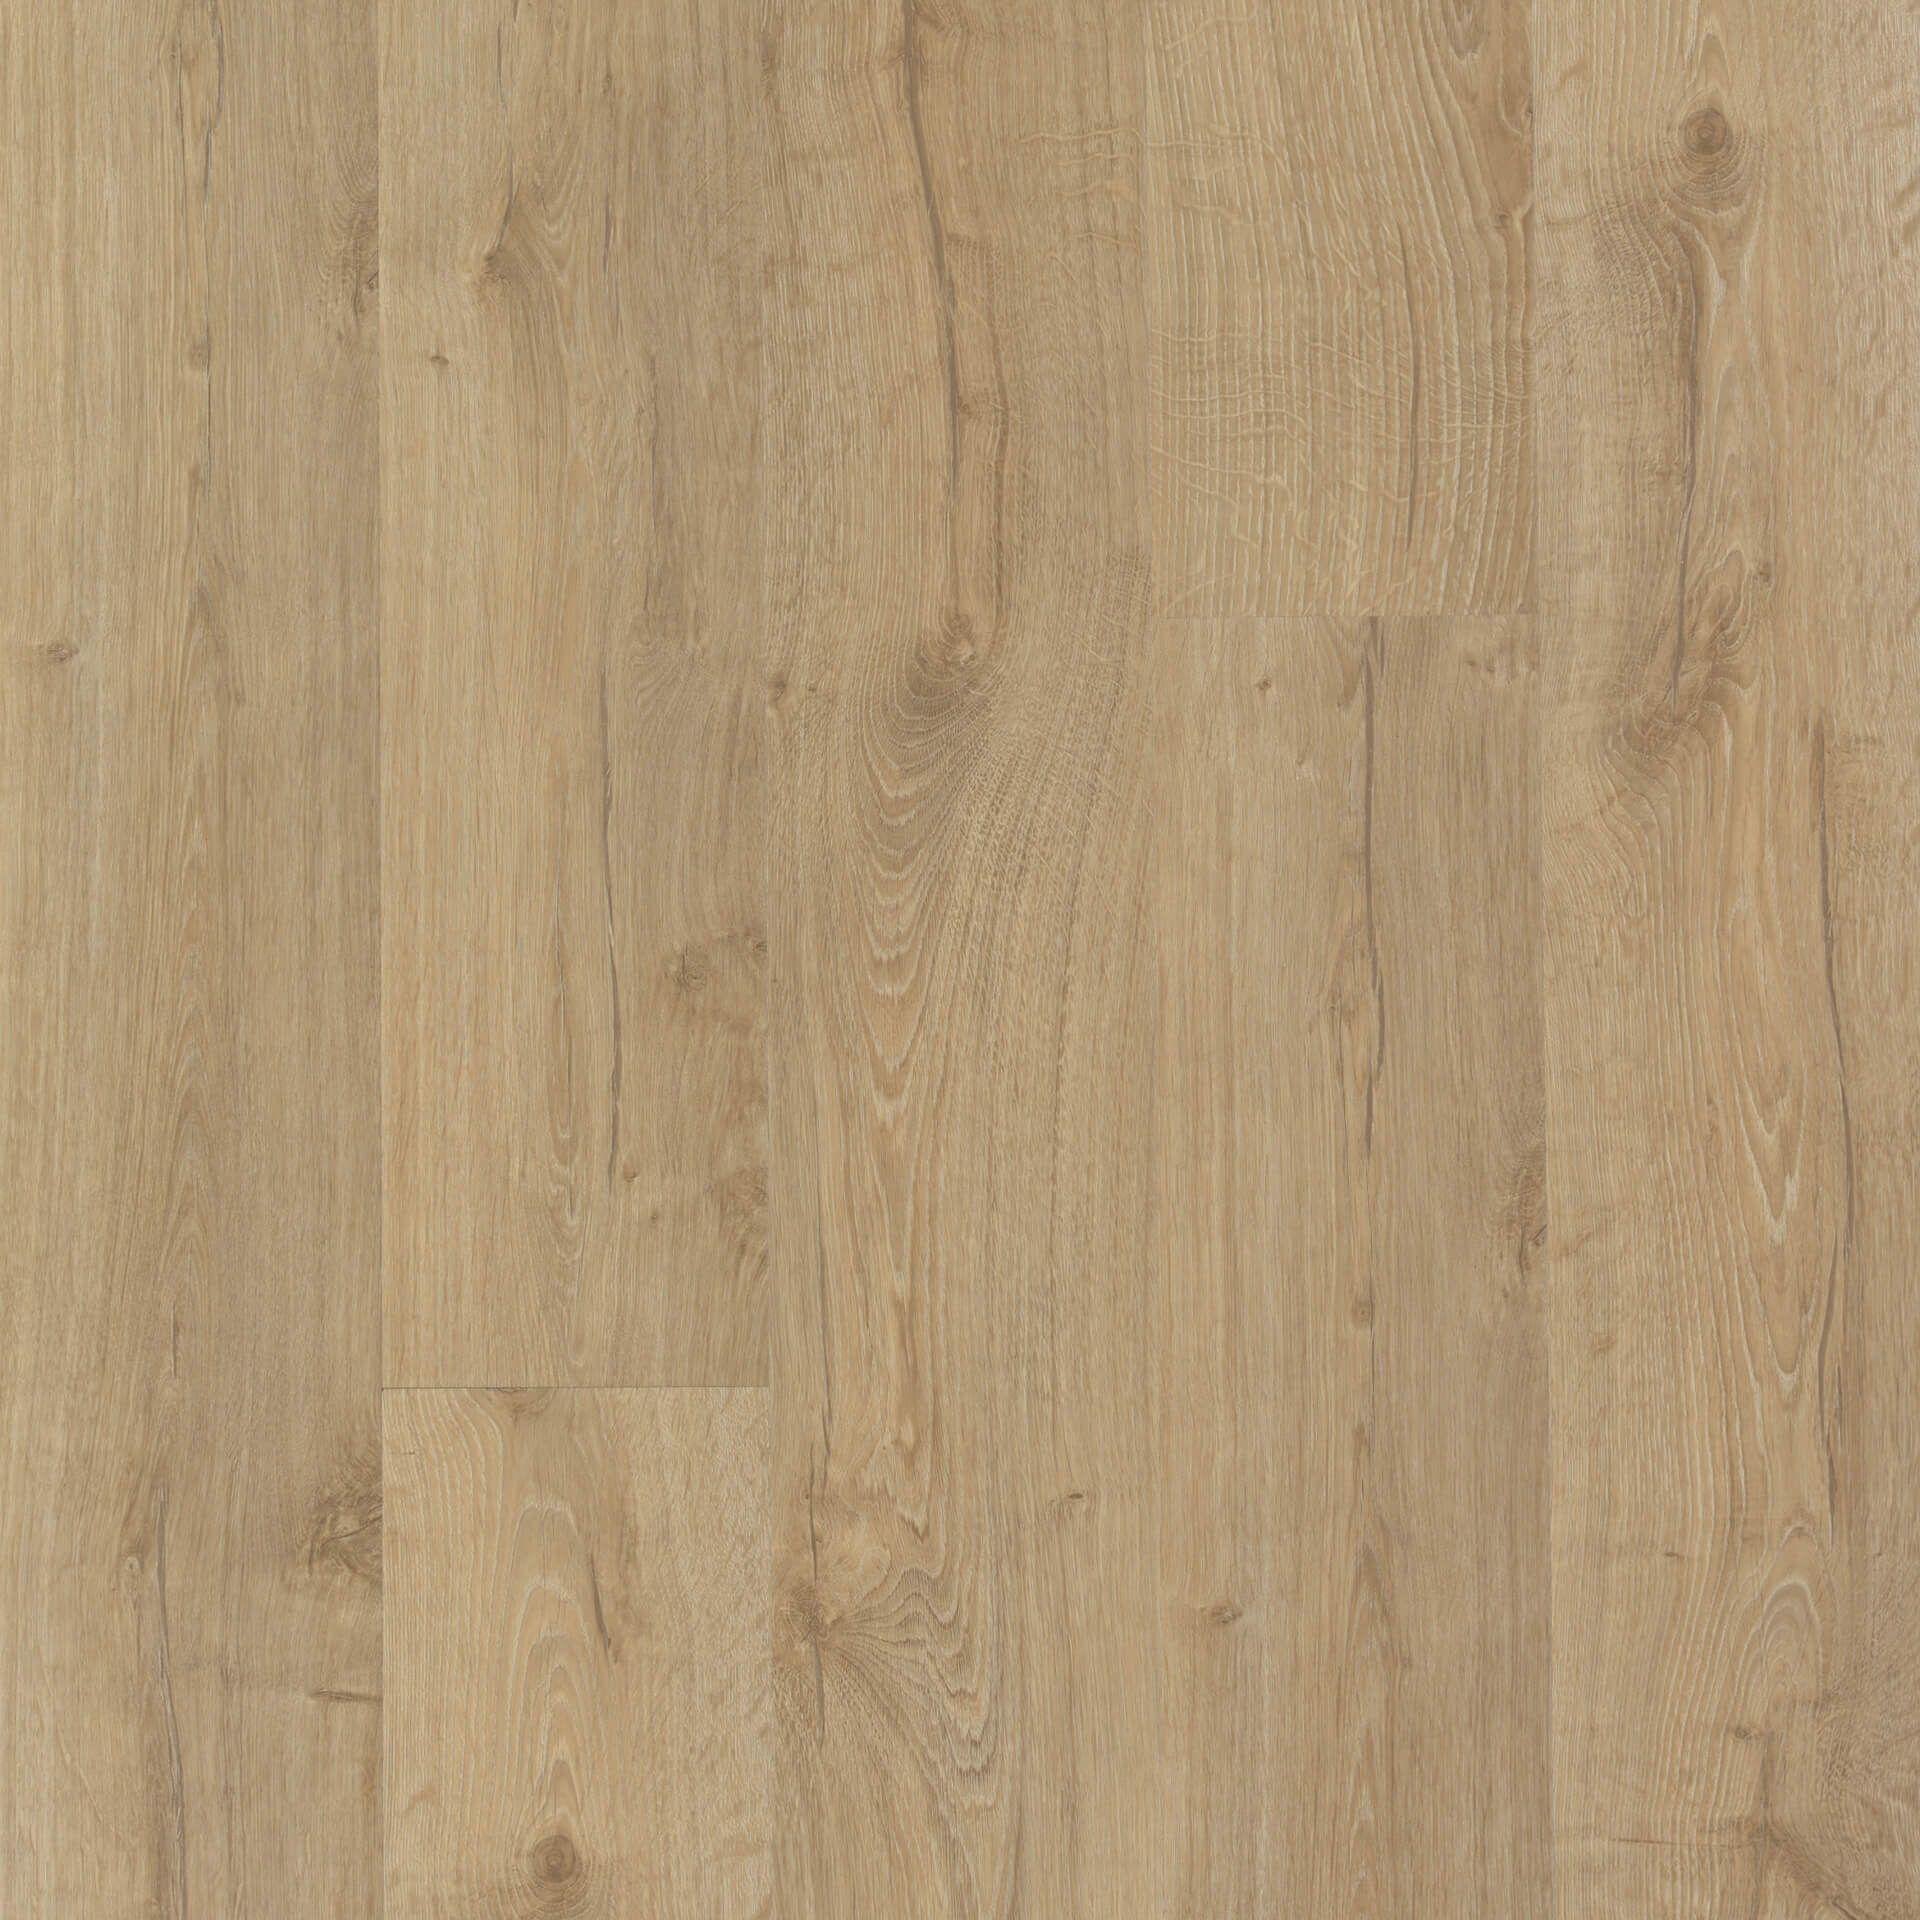 Wheat Oak Quick Step In 2020 Waterproof Flooring Flooring Laminate Flooring